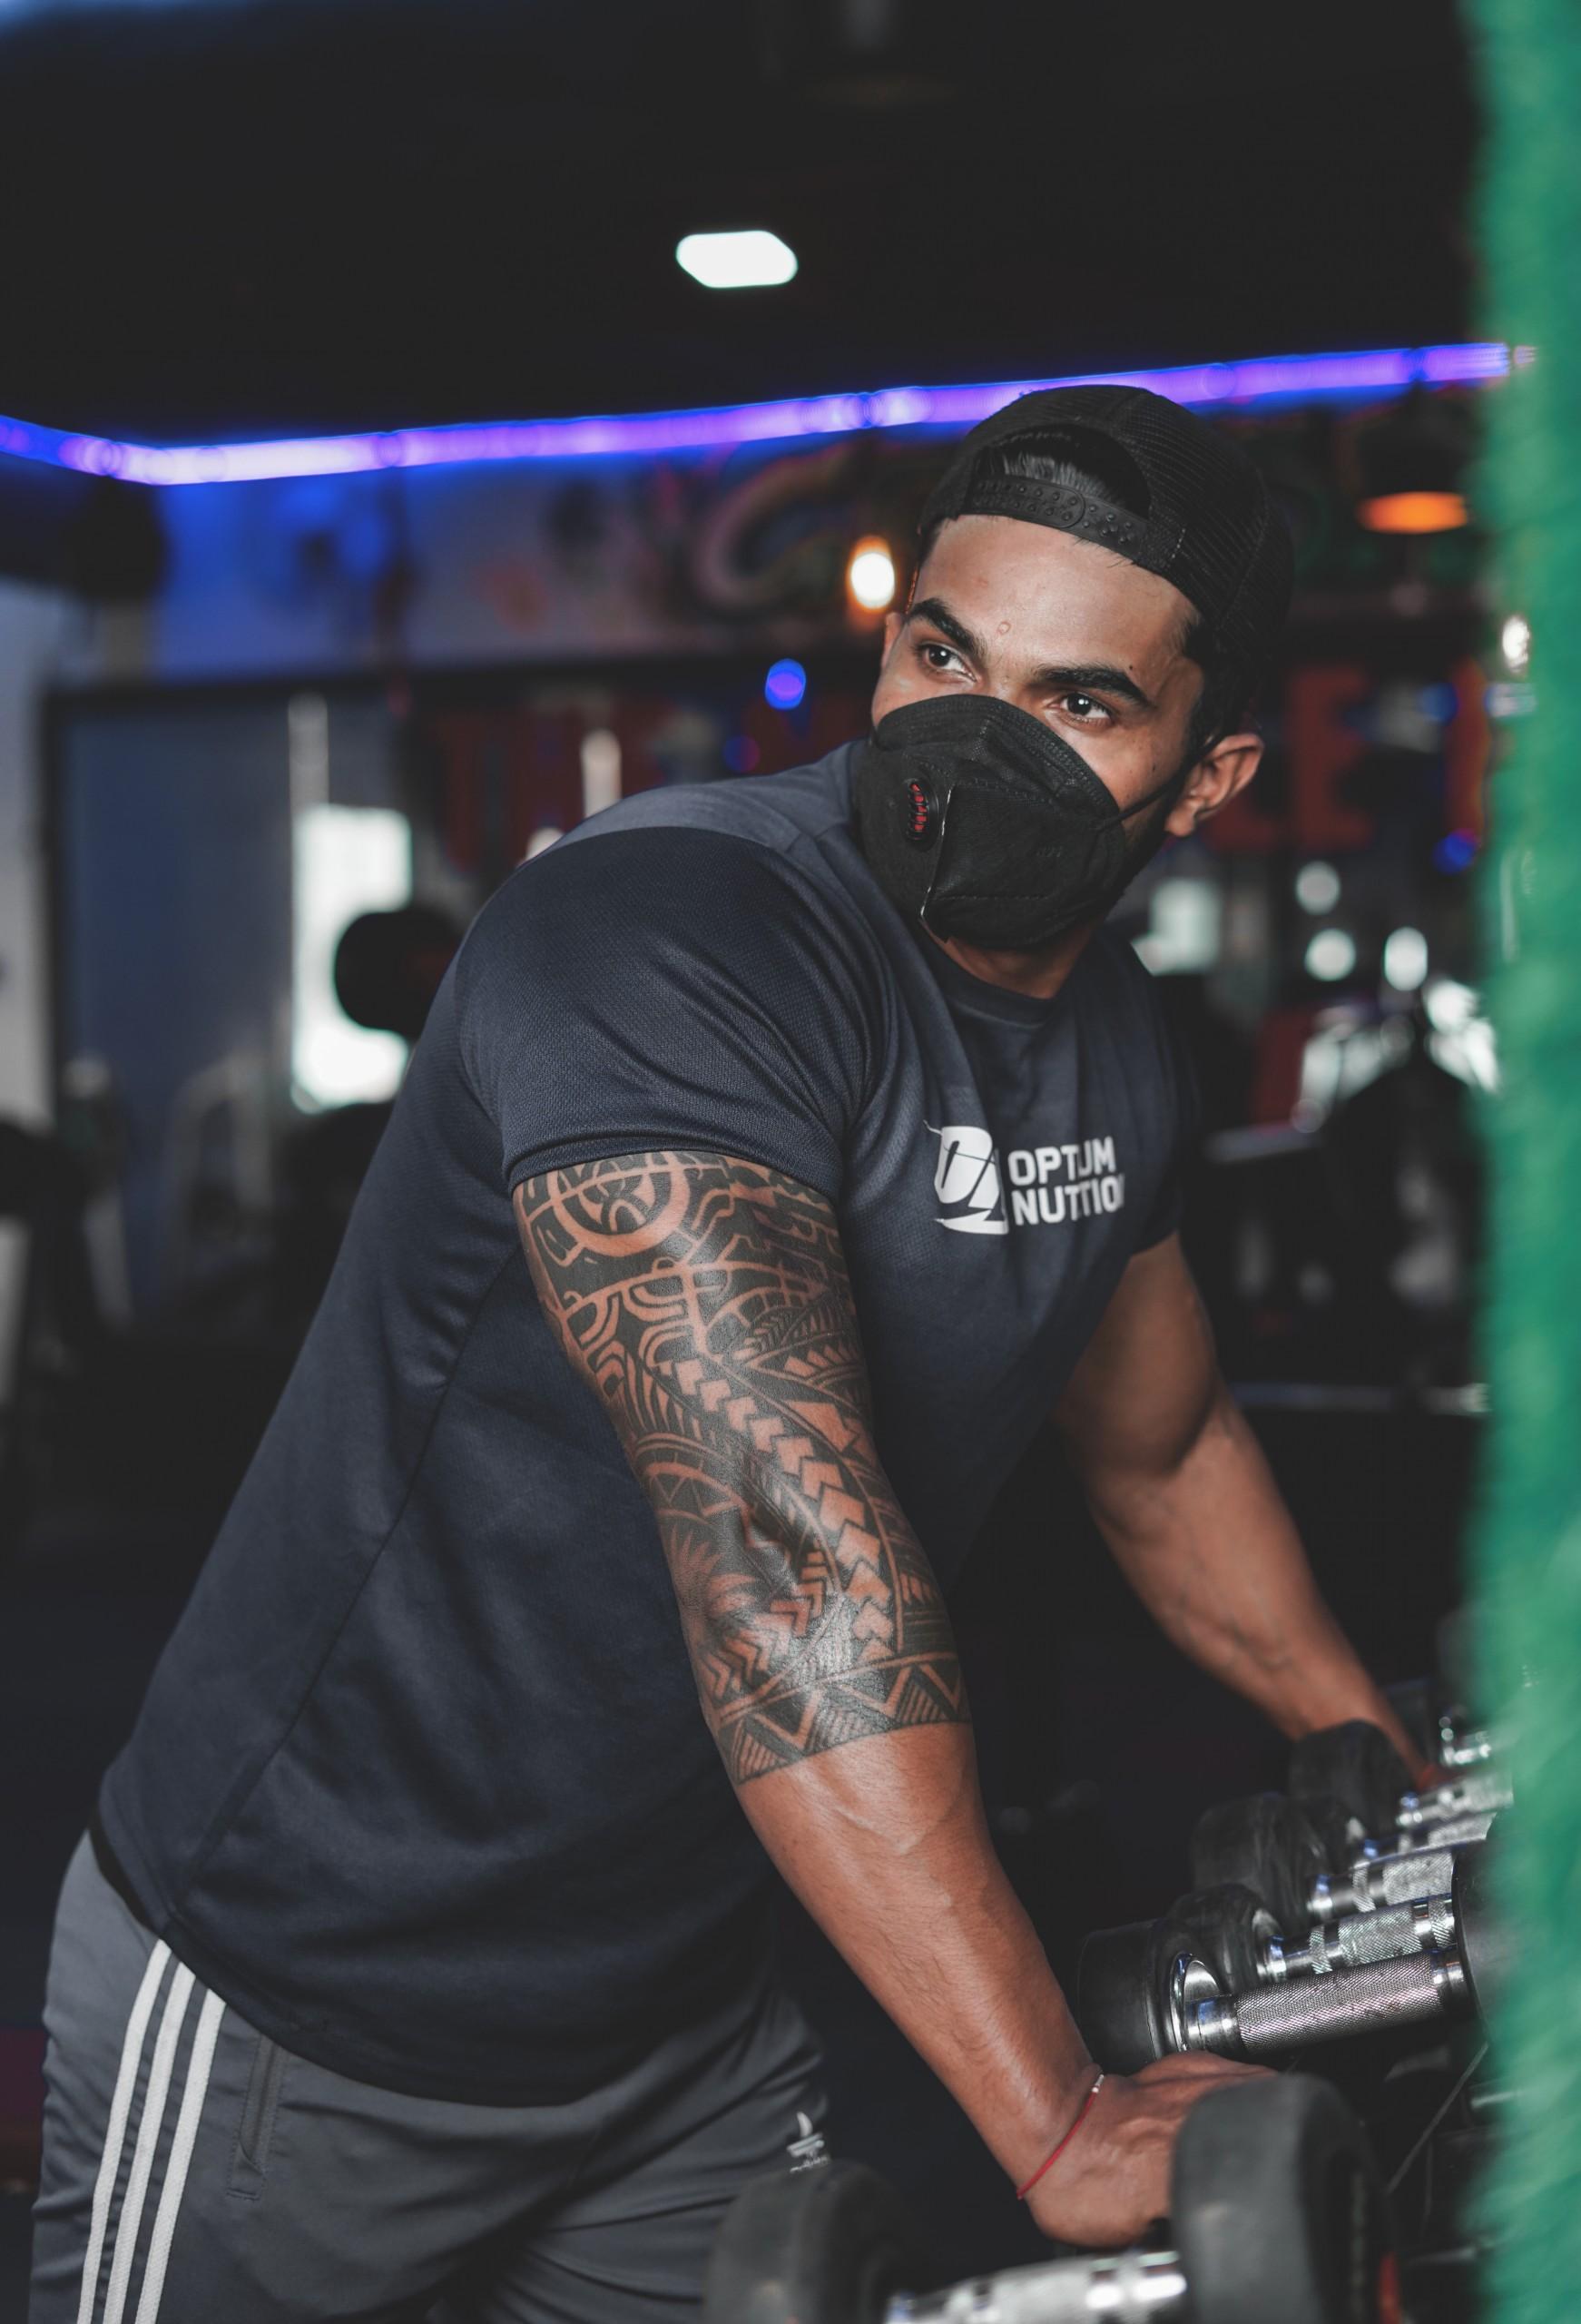 A masked man in gym